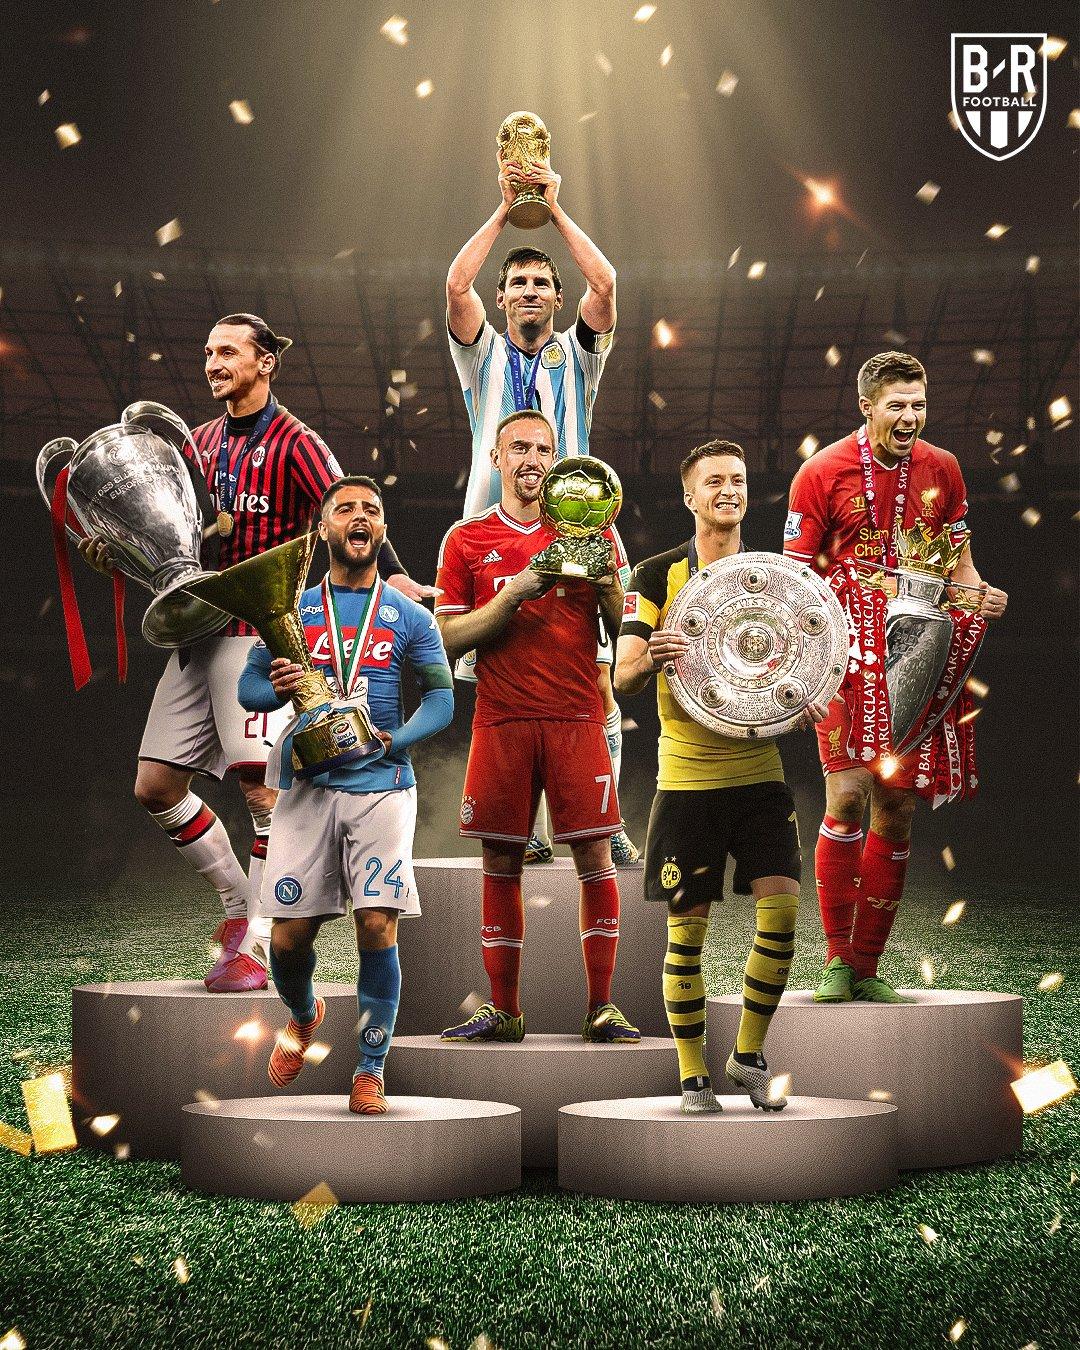 意难平!B/R海报:这些球员们最想得到的奖杯